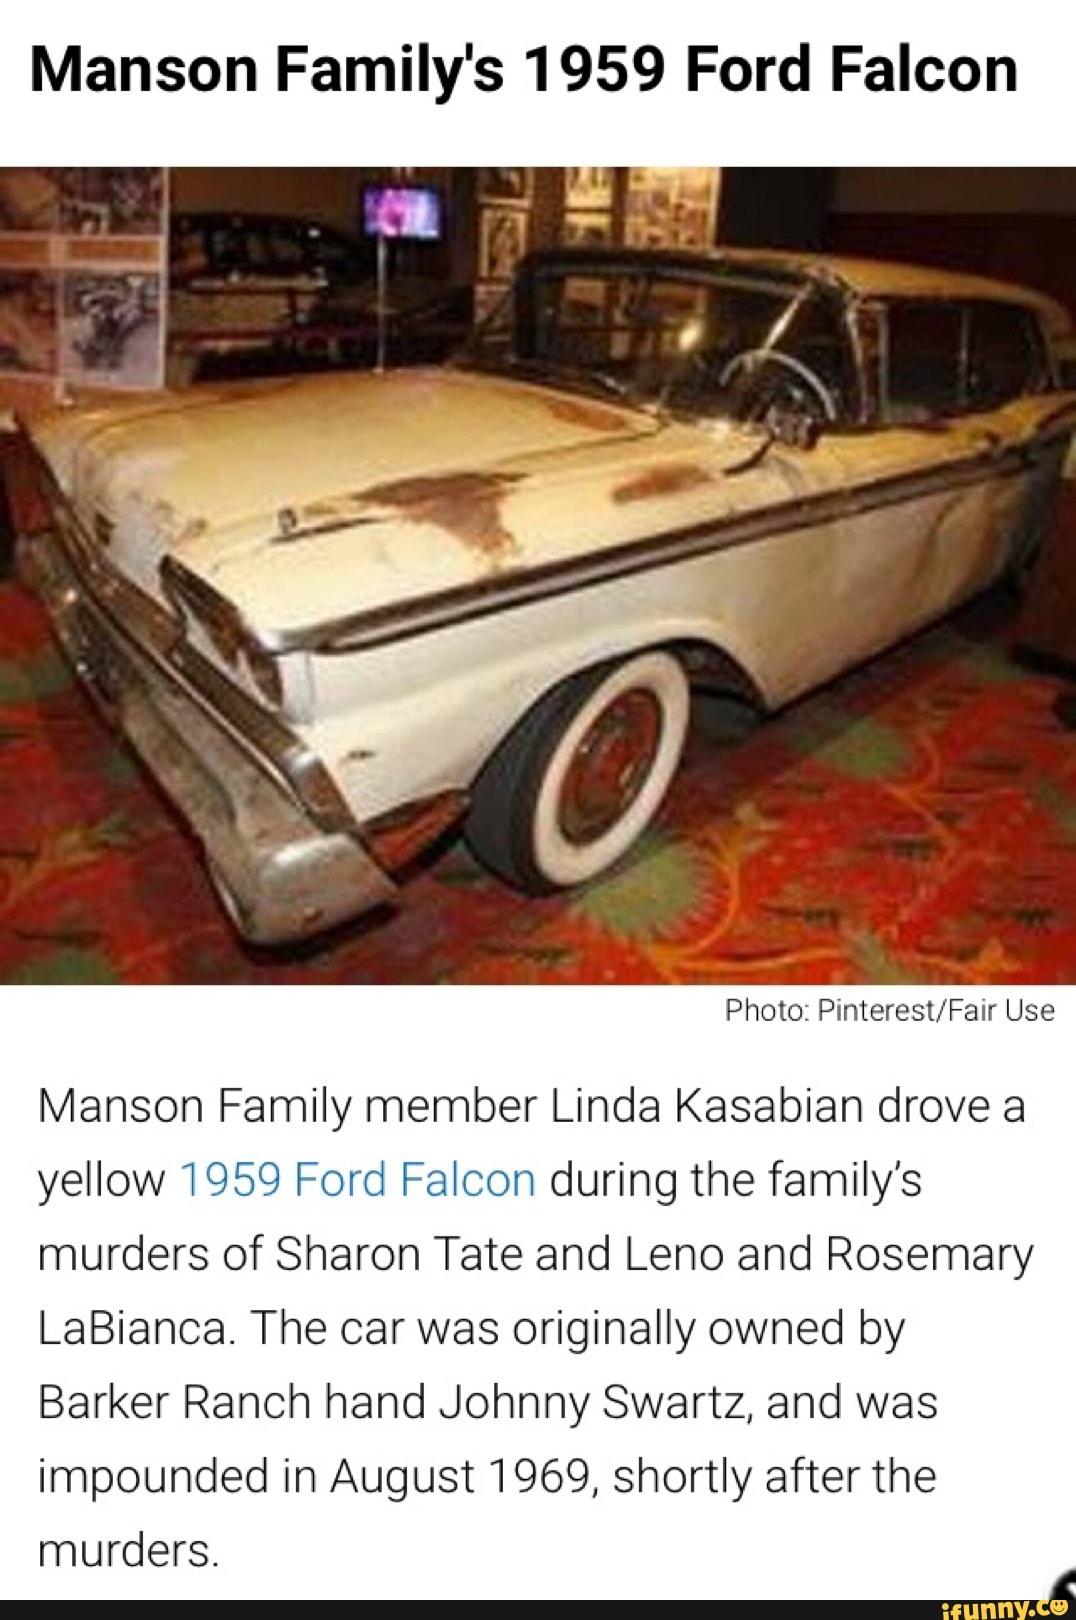 Manson Family's 1959 Ford Falcon Manson Family member Linda